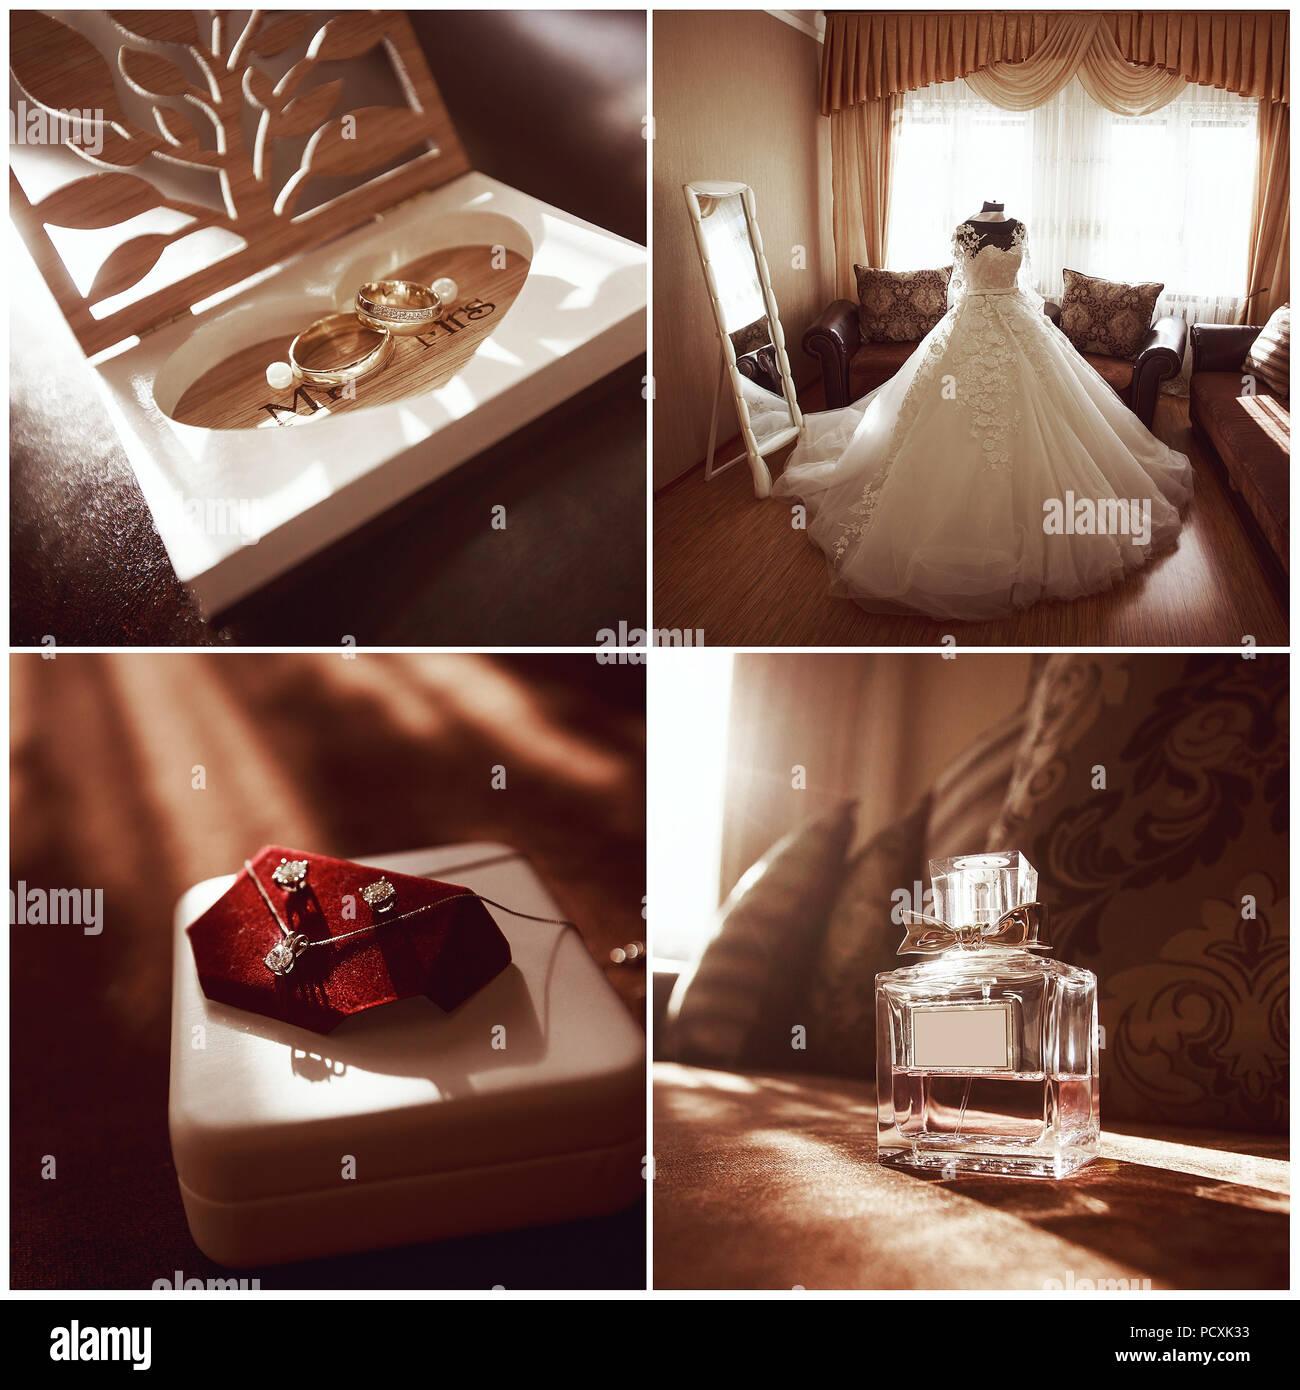 Hochzeit Collage Die Vier Bilder Ringe Kleidung Schmuck Parfum